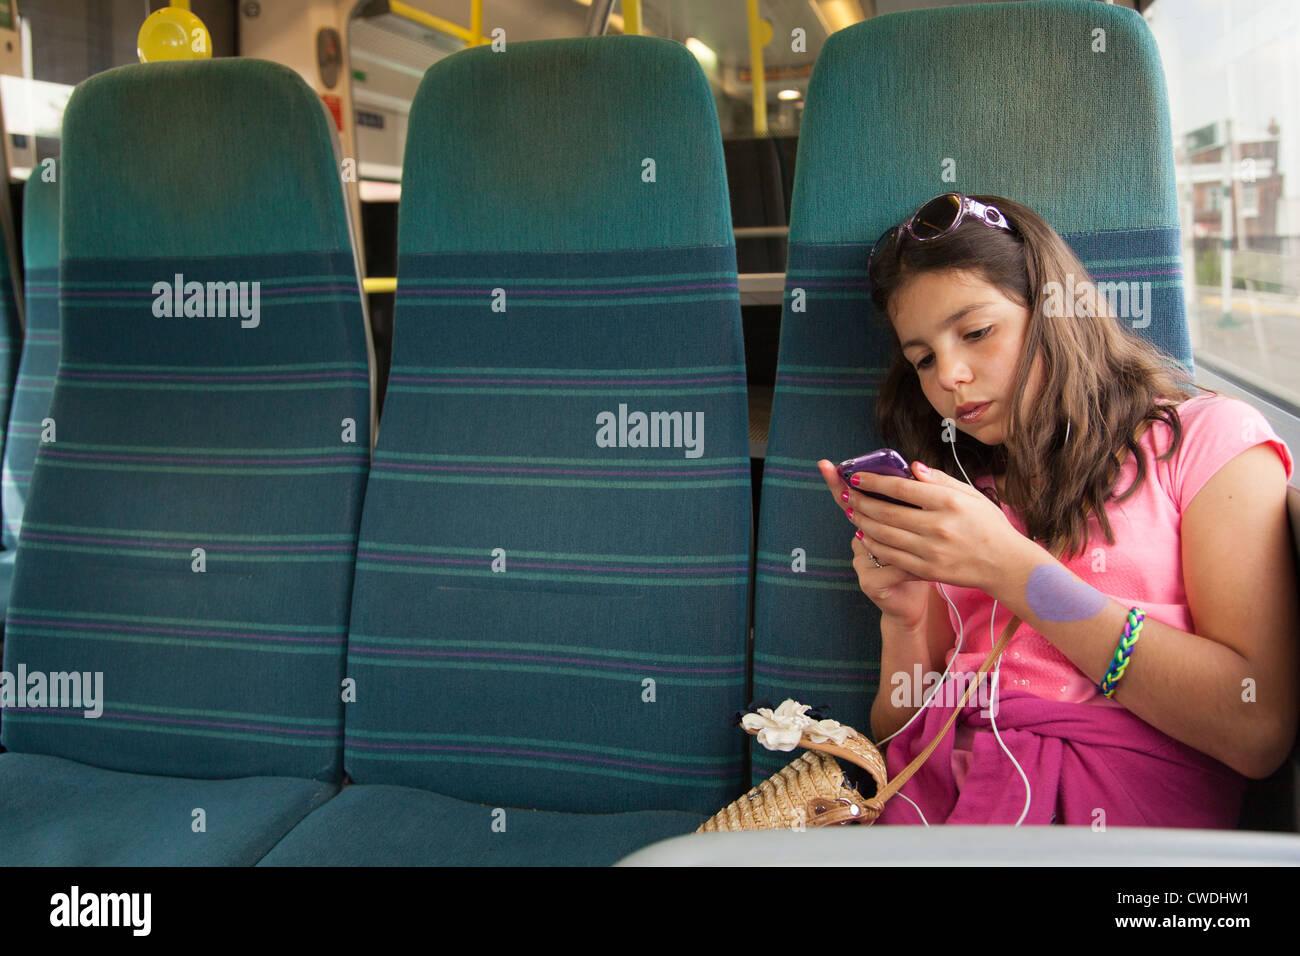 Junges Mädchen hört Musik auf die öffentlichen Verkehrsmittel, London, England Stockbild